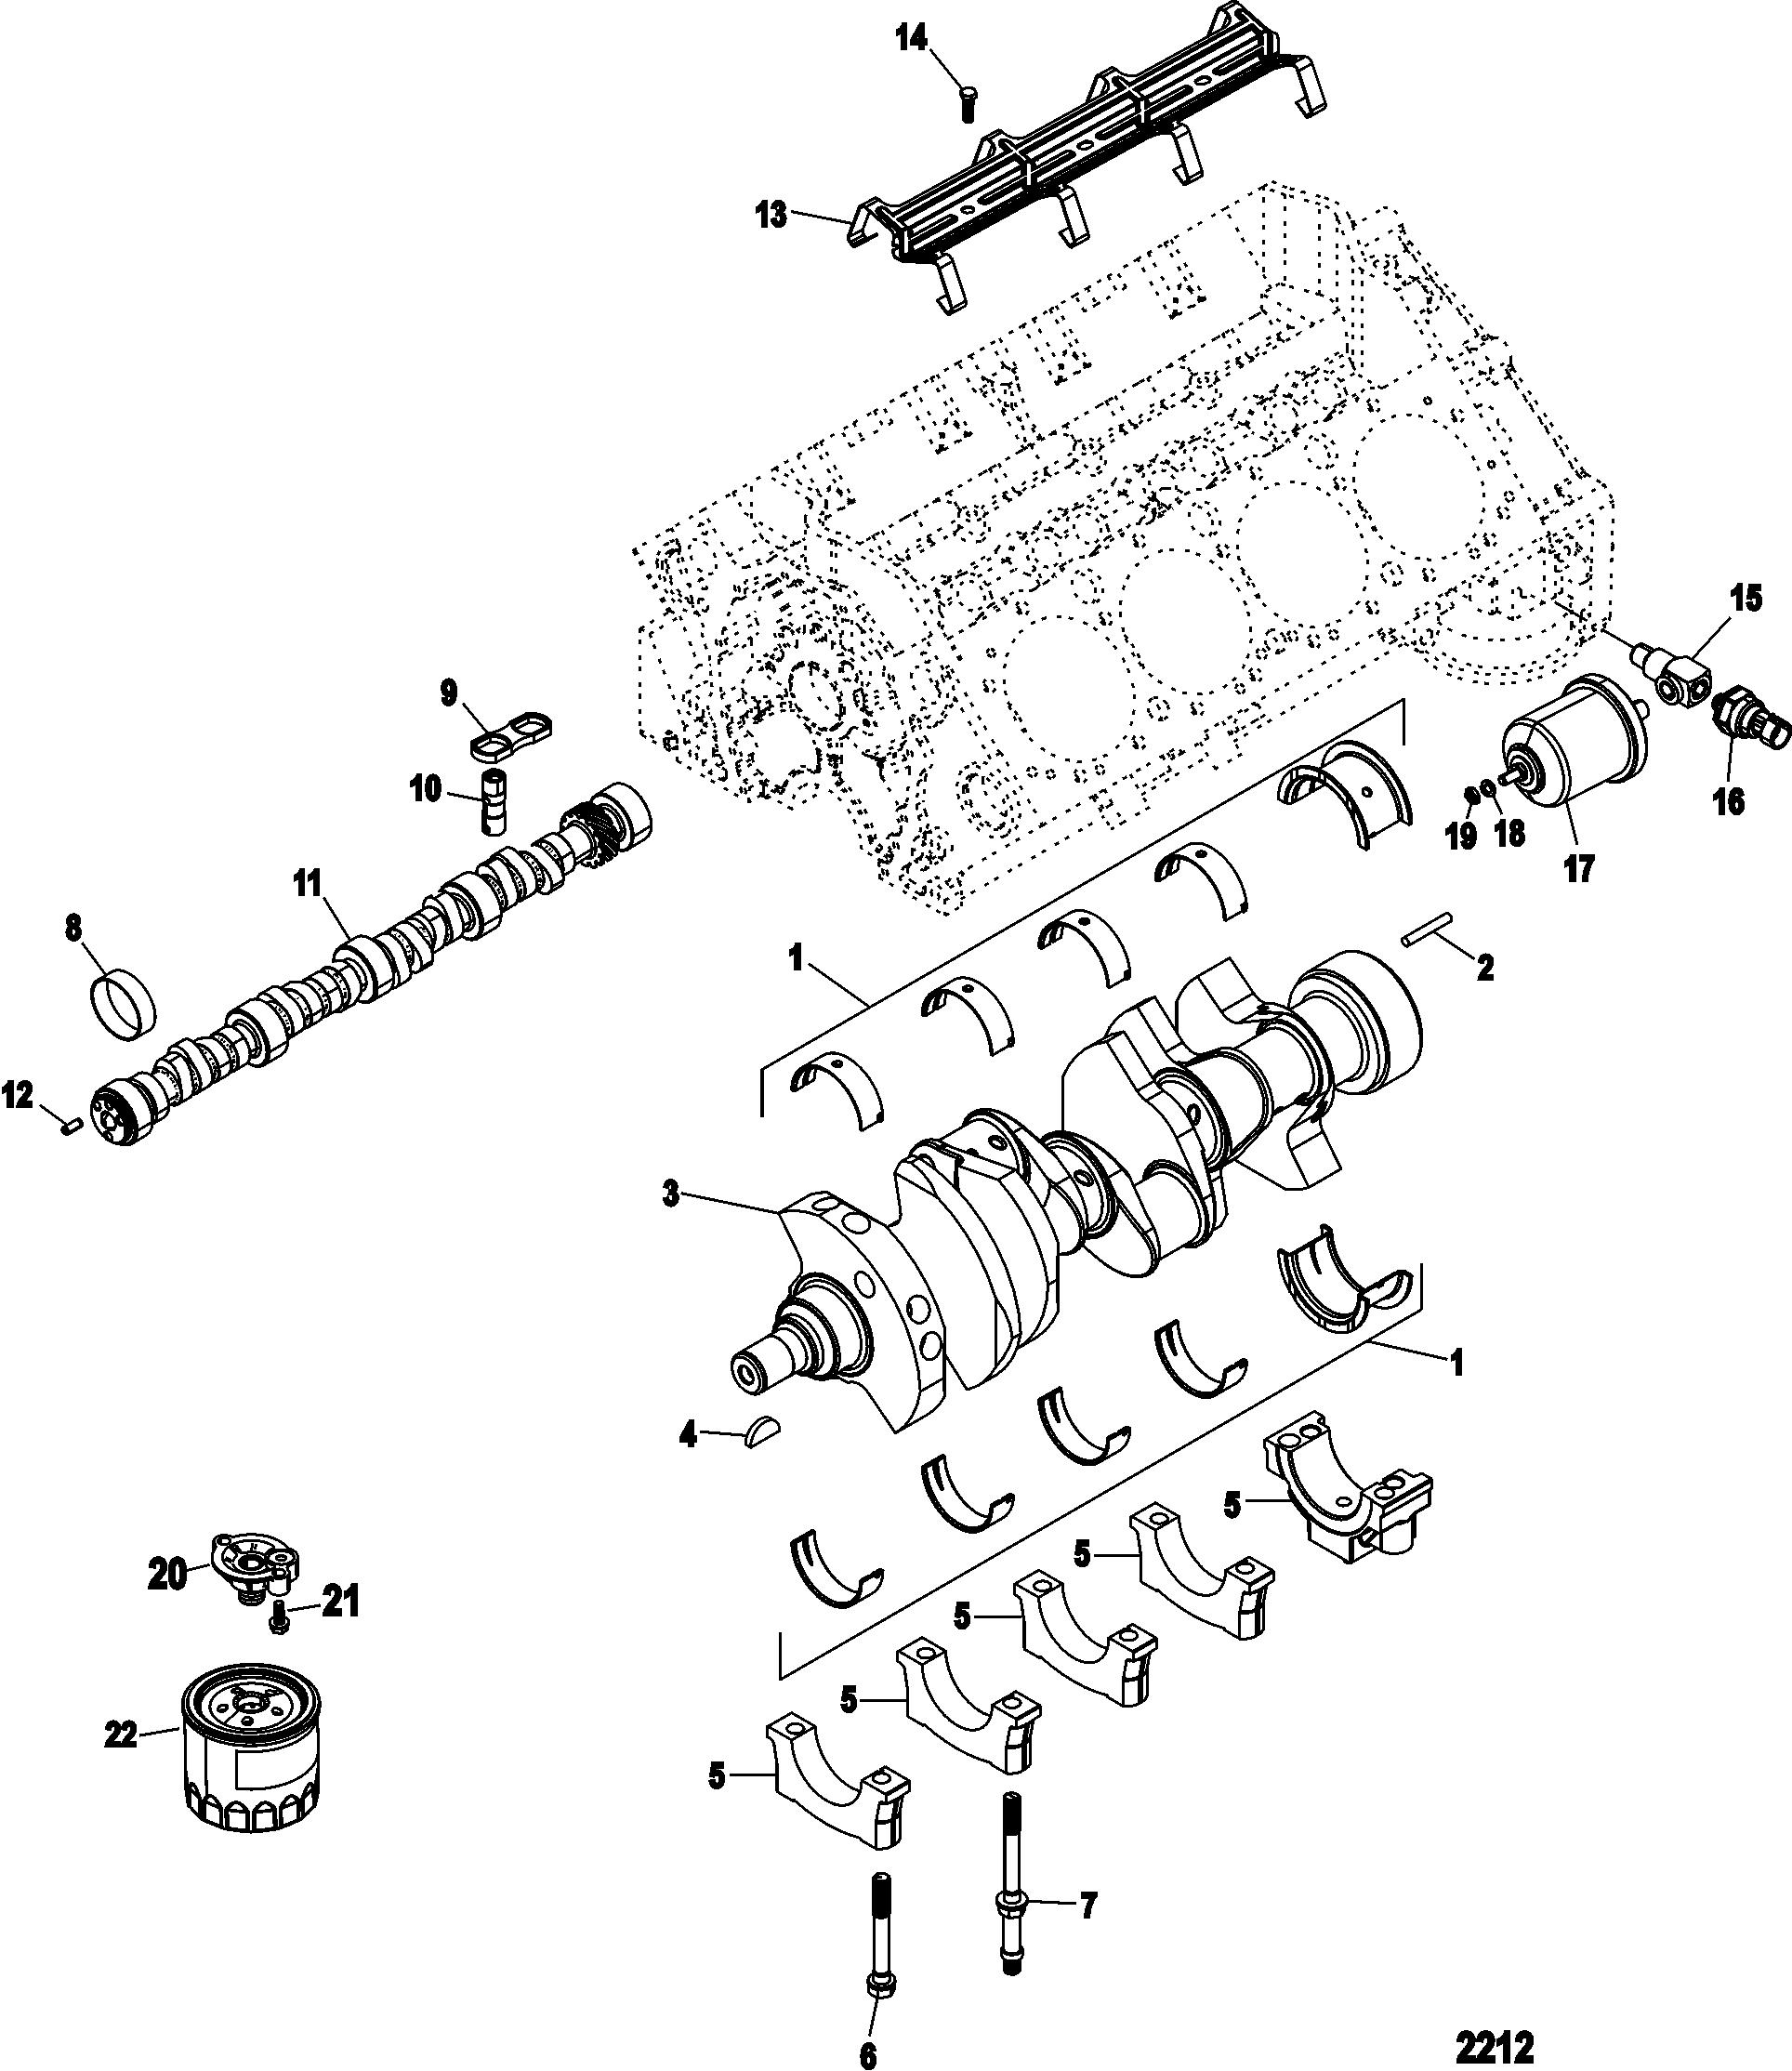 350 crate engine diagram cylinder block  camshaft and crankshaft for 350 4 bbl gen crate  crankshaft for 350 4 bbl gen crate